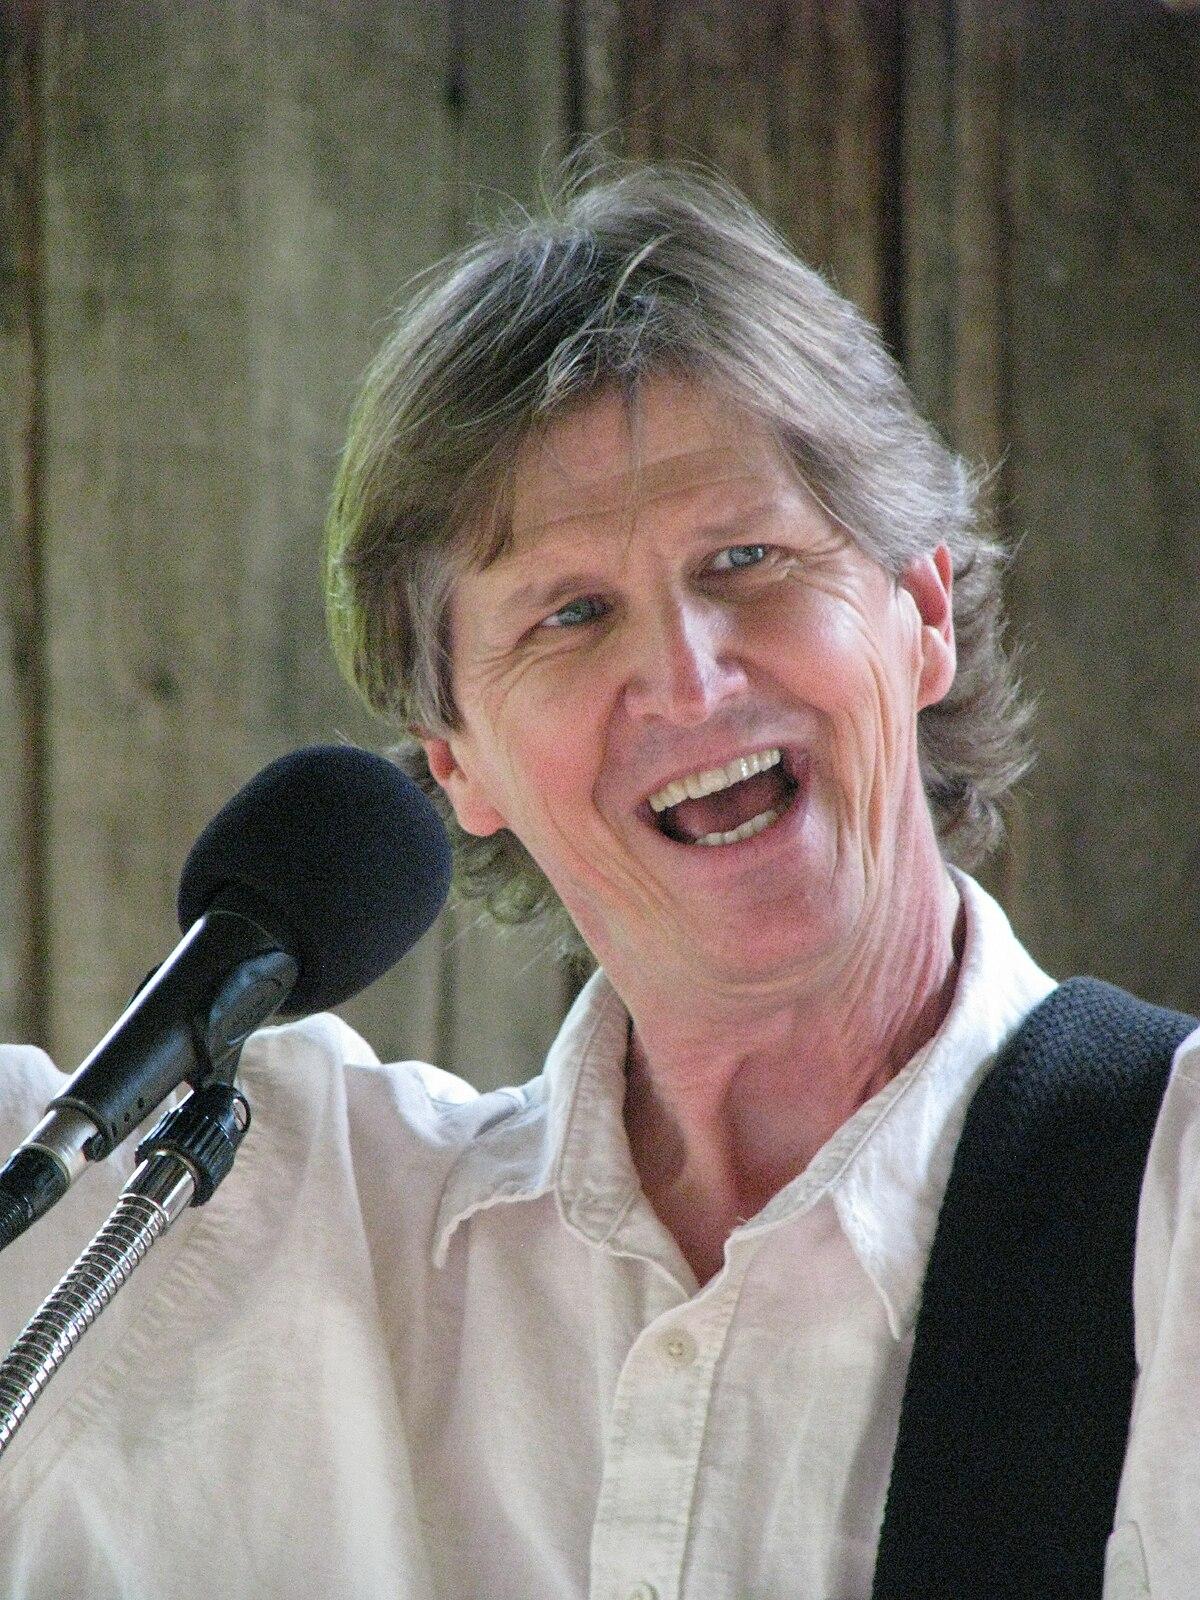 Storytelling >> Andy Offutt Irwin - Wikipedia